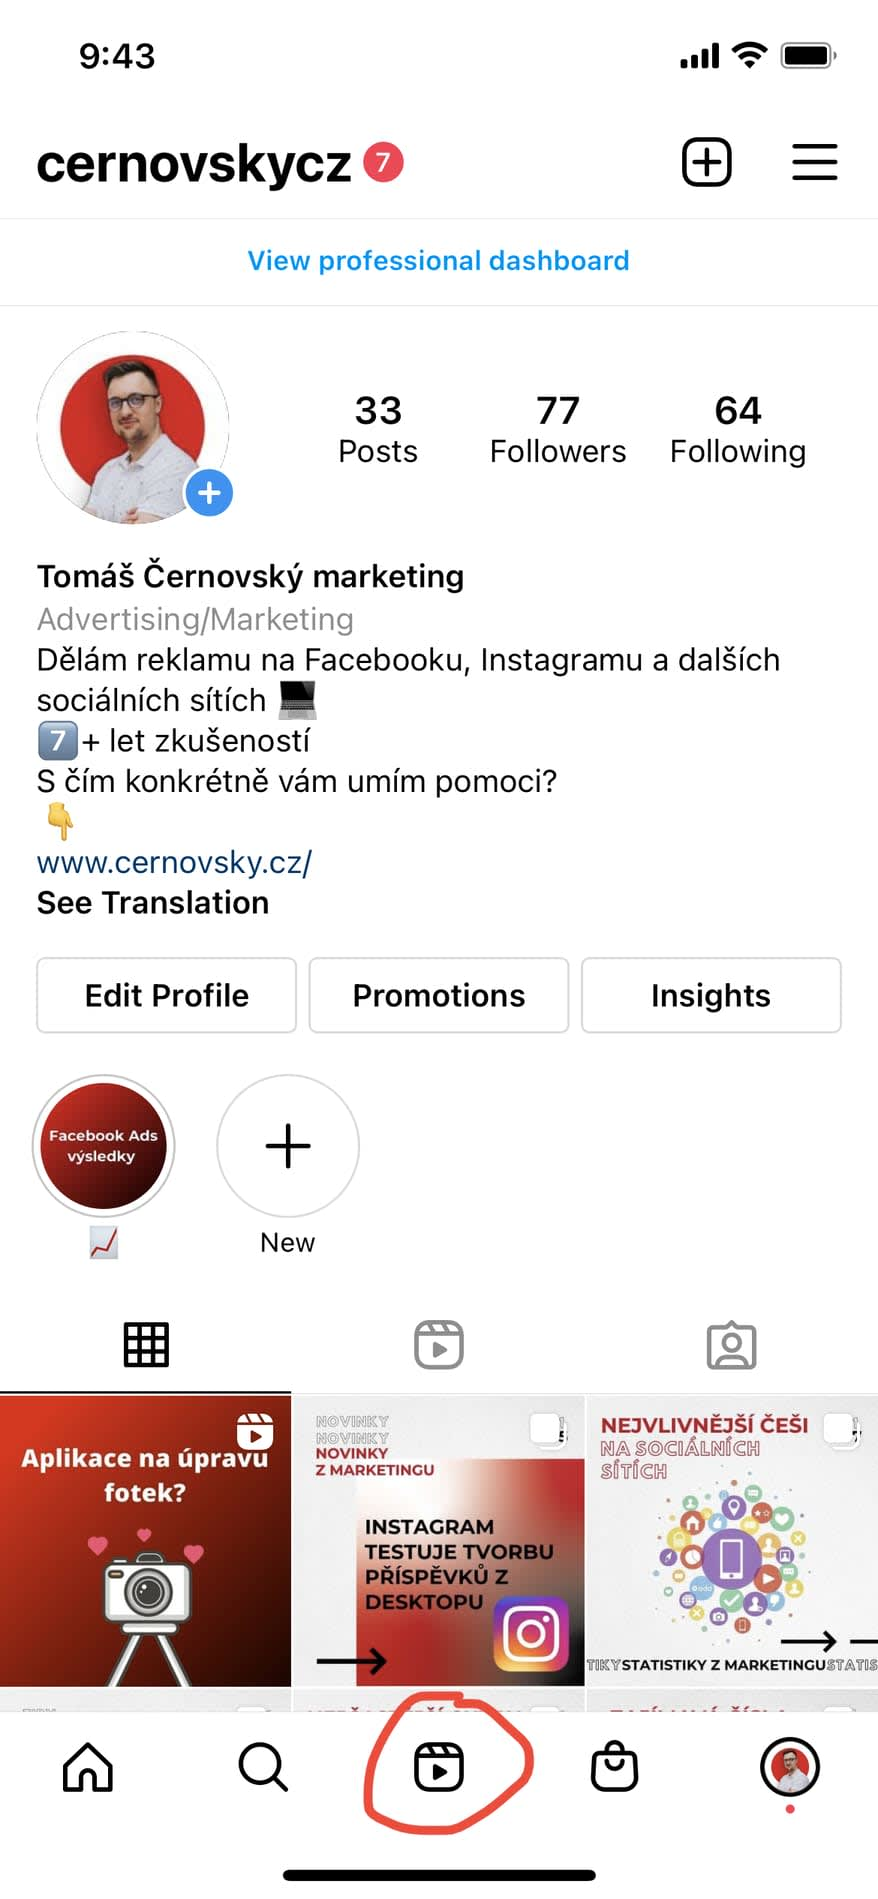 Instagram Reels získaly svou ikonku na spodku aplikace Instagram. Tuším, že zde dříve bývalo IGTV, ale tento formát už Instagram tolik netlačí jako právě zmíněné Instagram Reels.